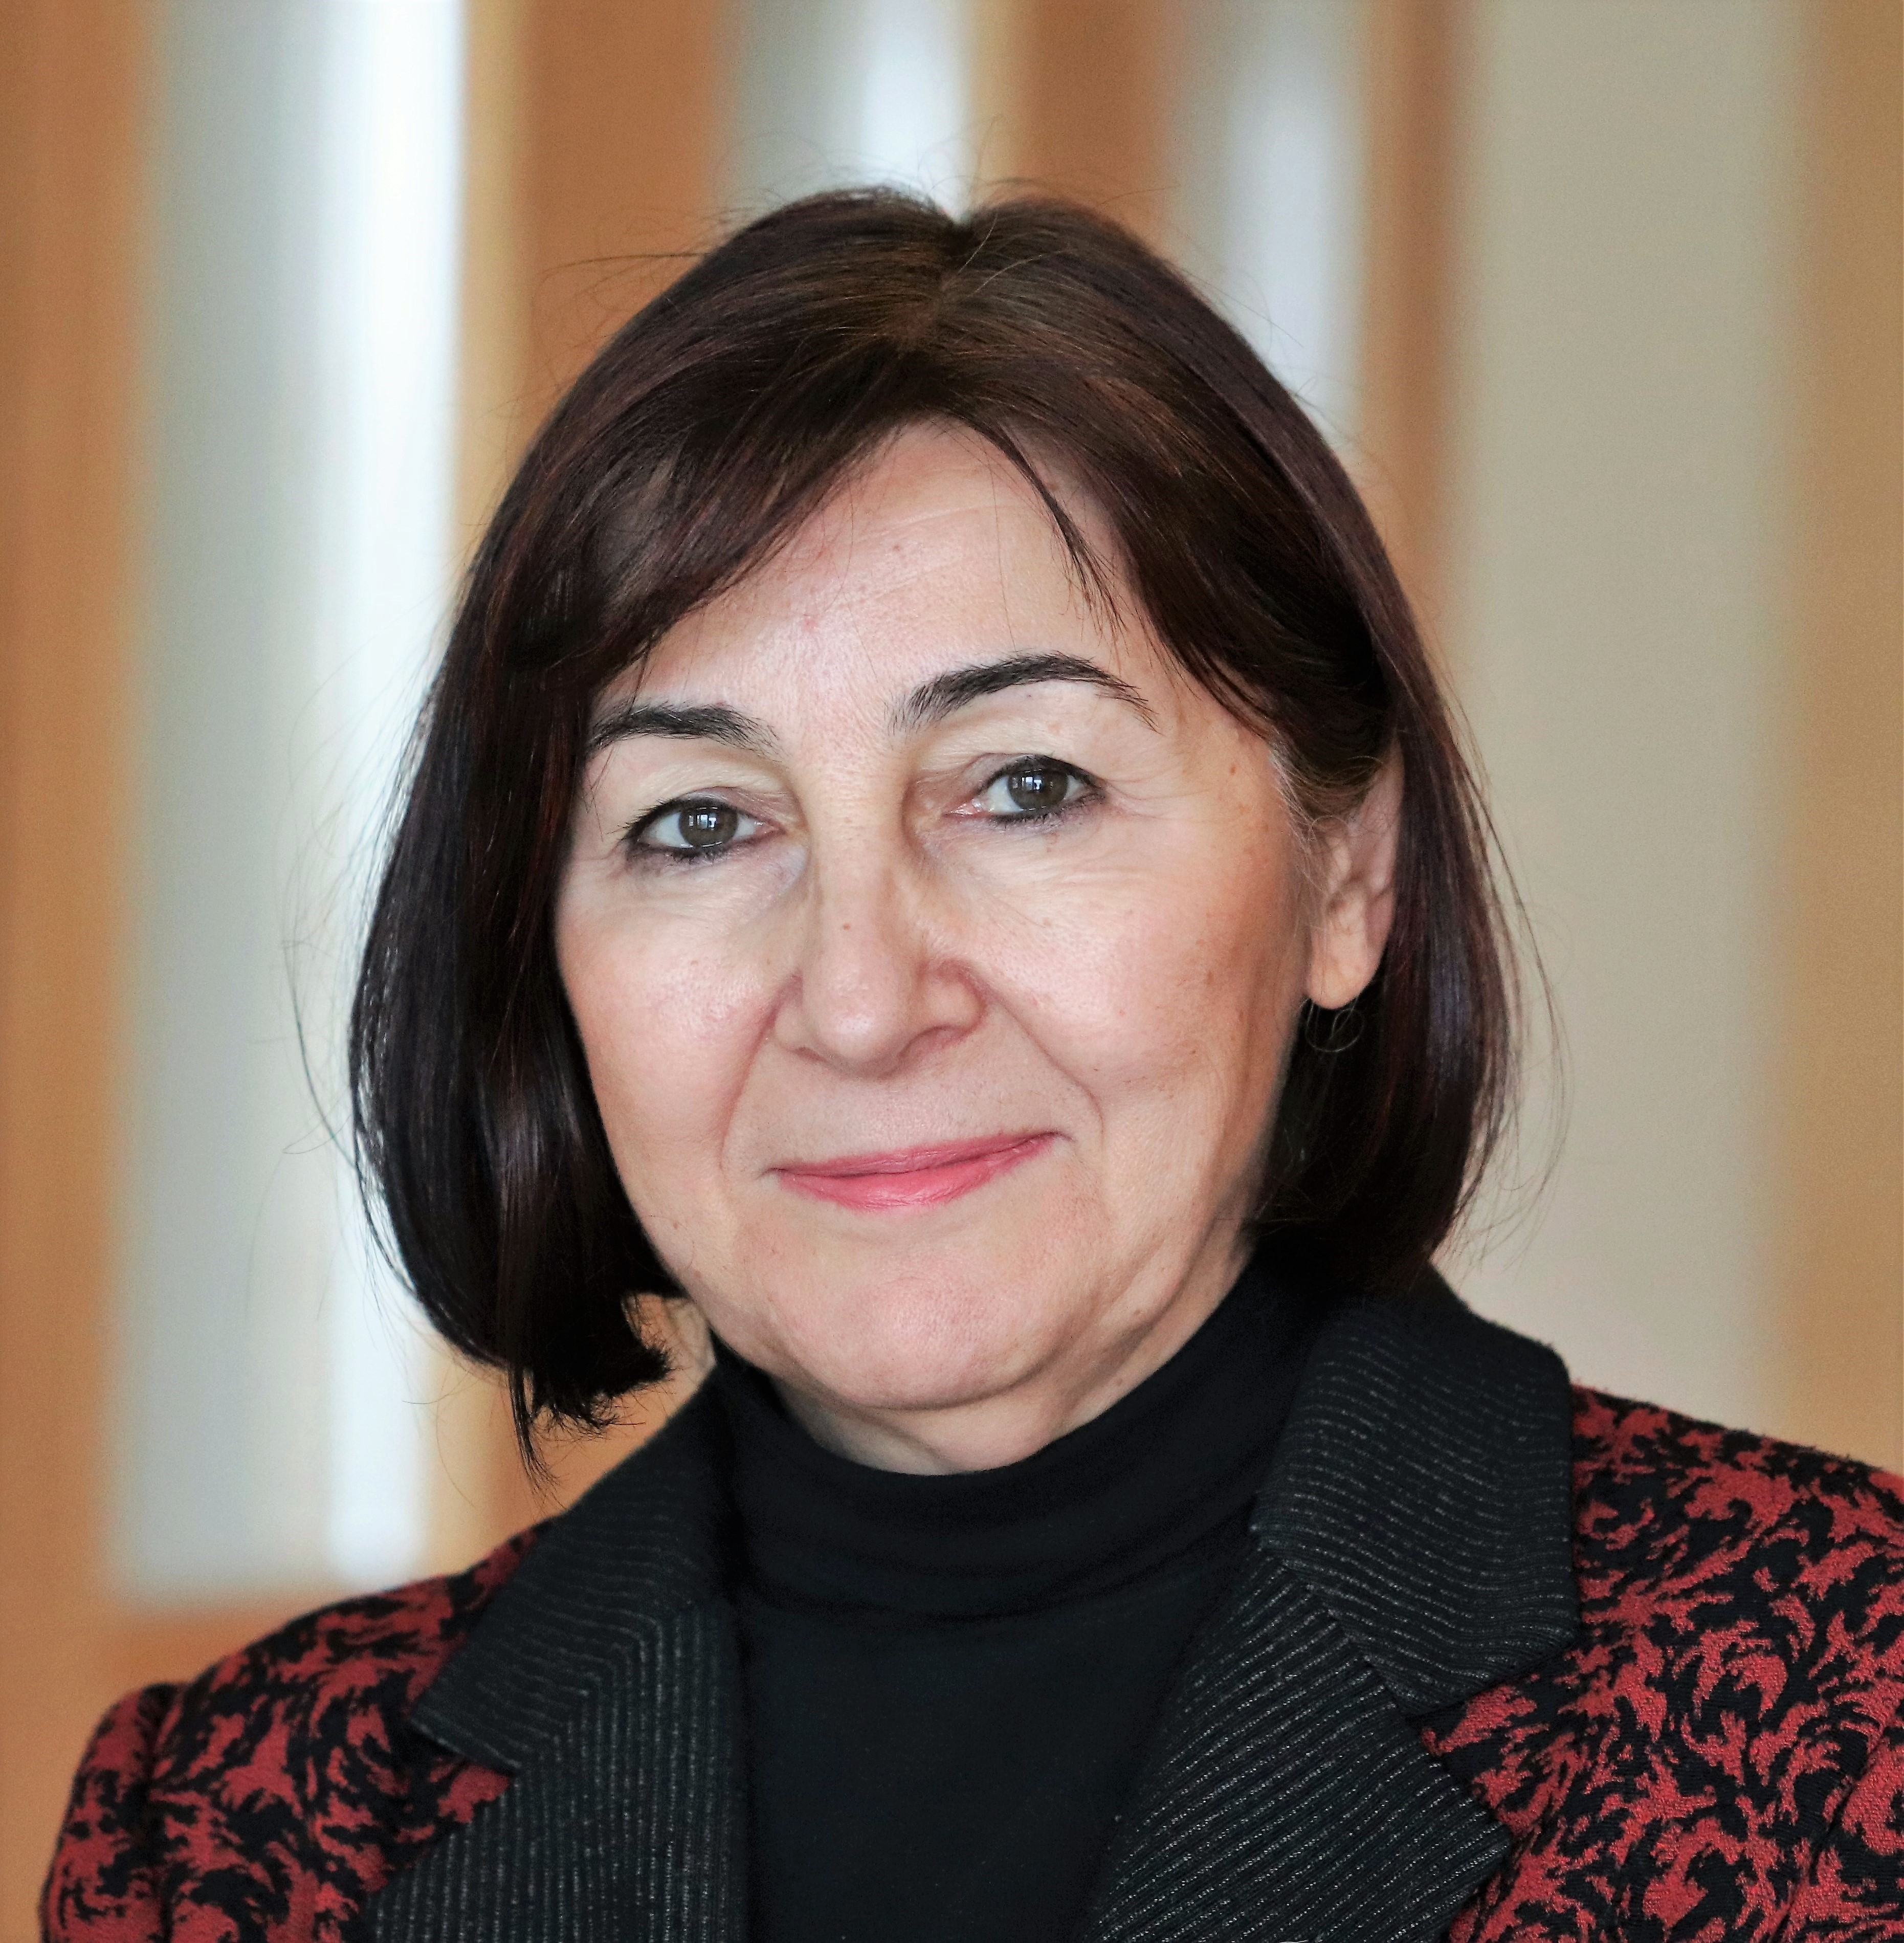 Bojana Turic